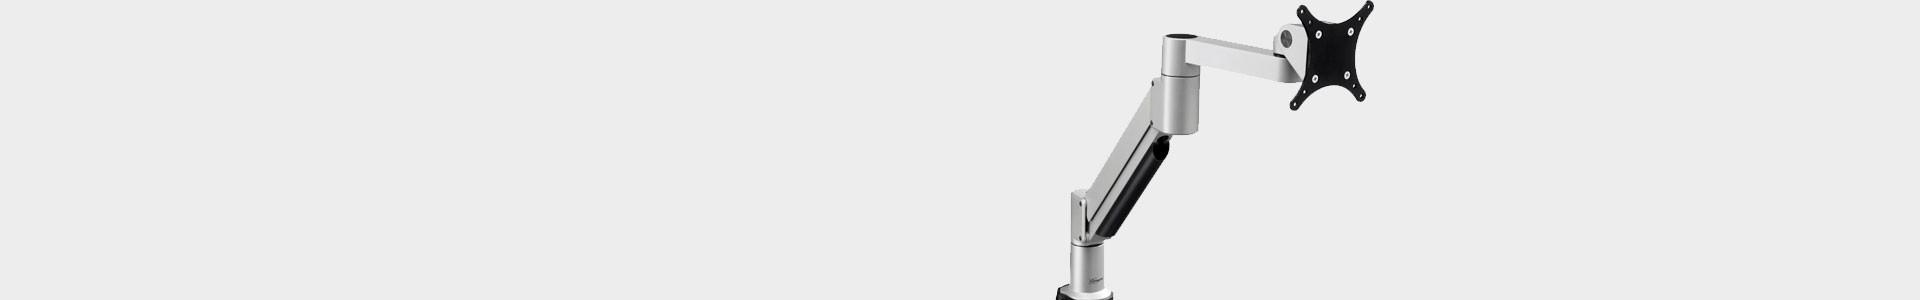 Soportes profesionales de mesa para pantallas planas - Avacab